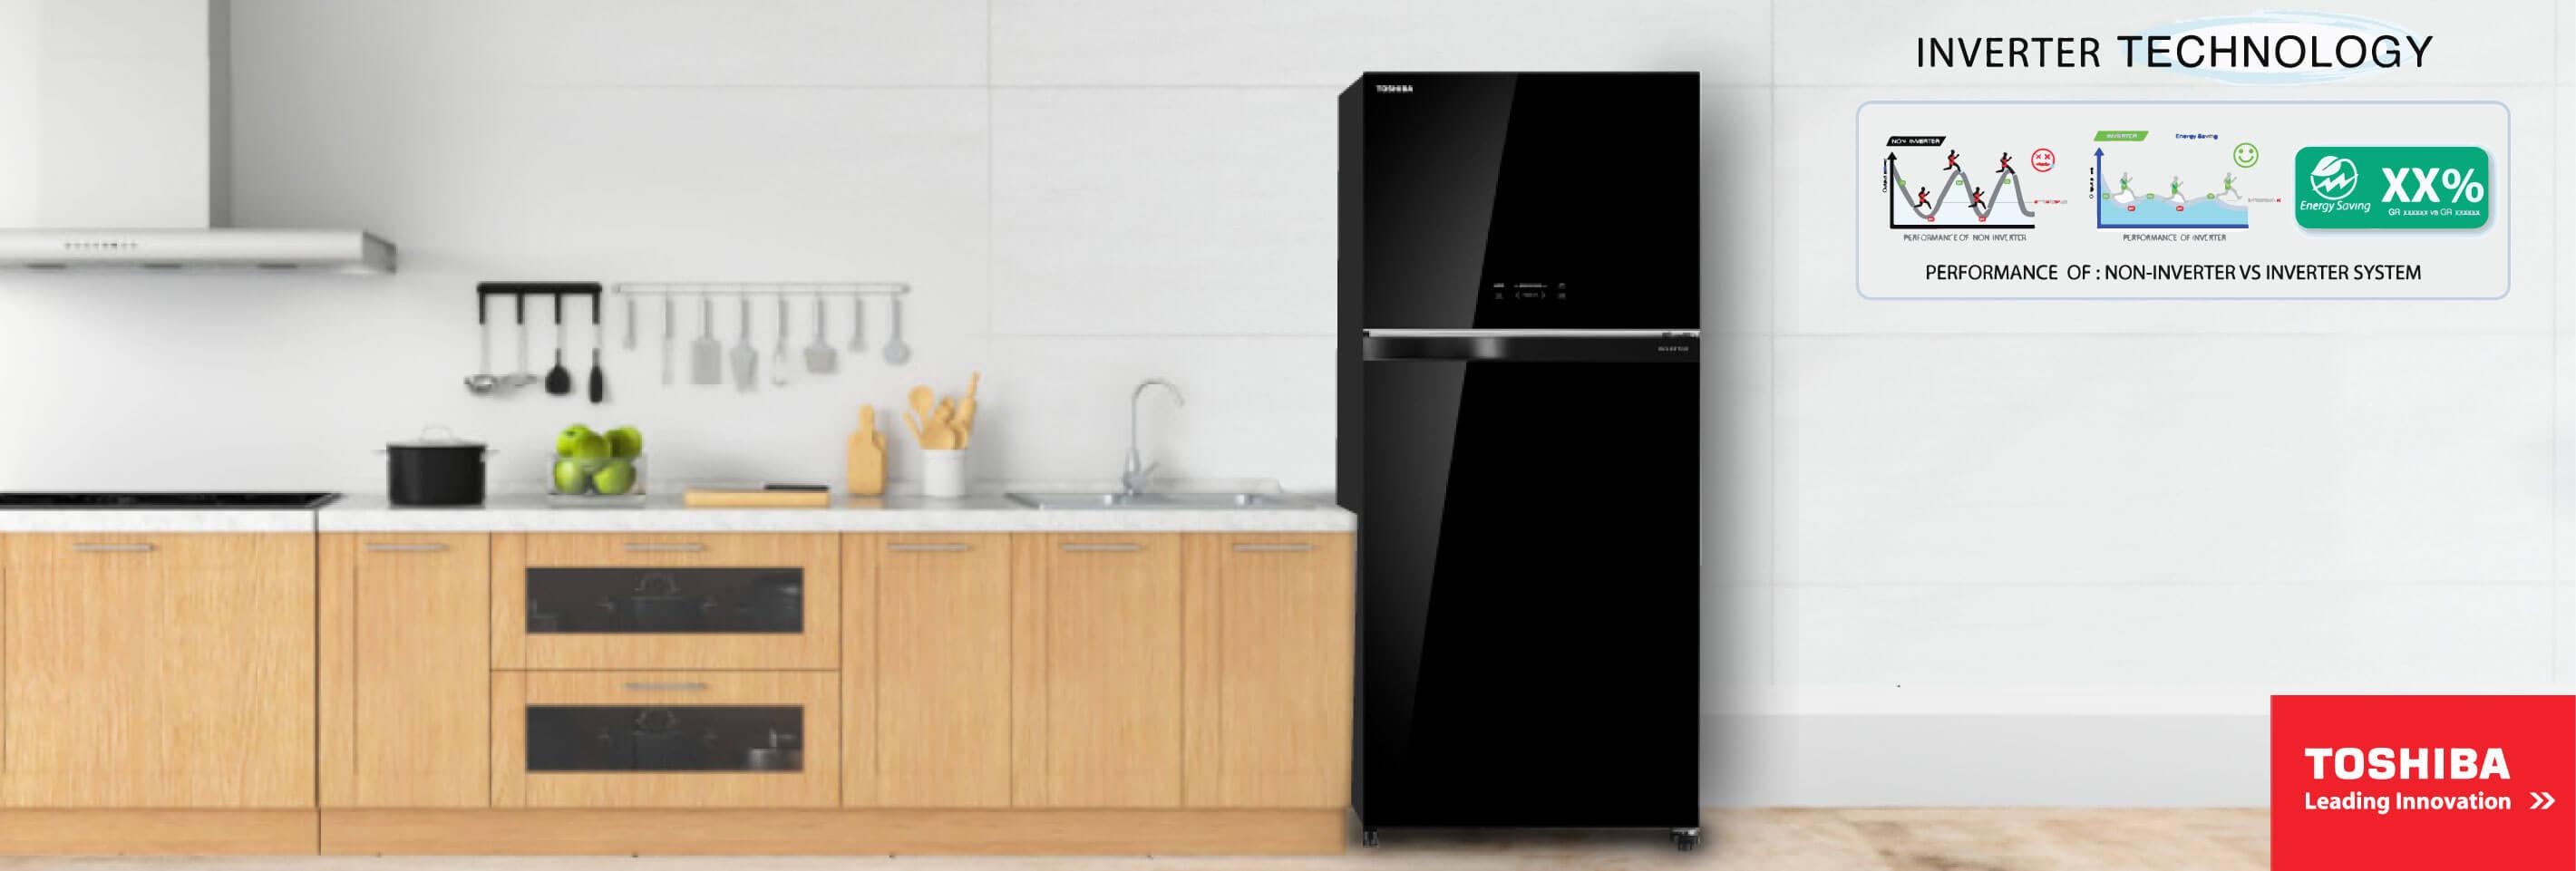 Toshiba refrigerator Cover